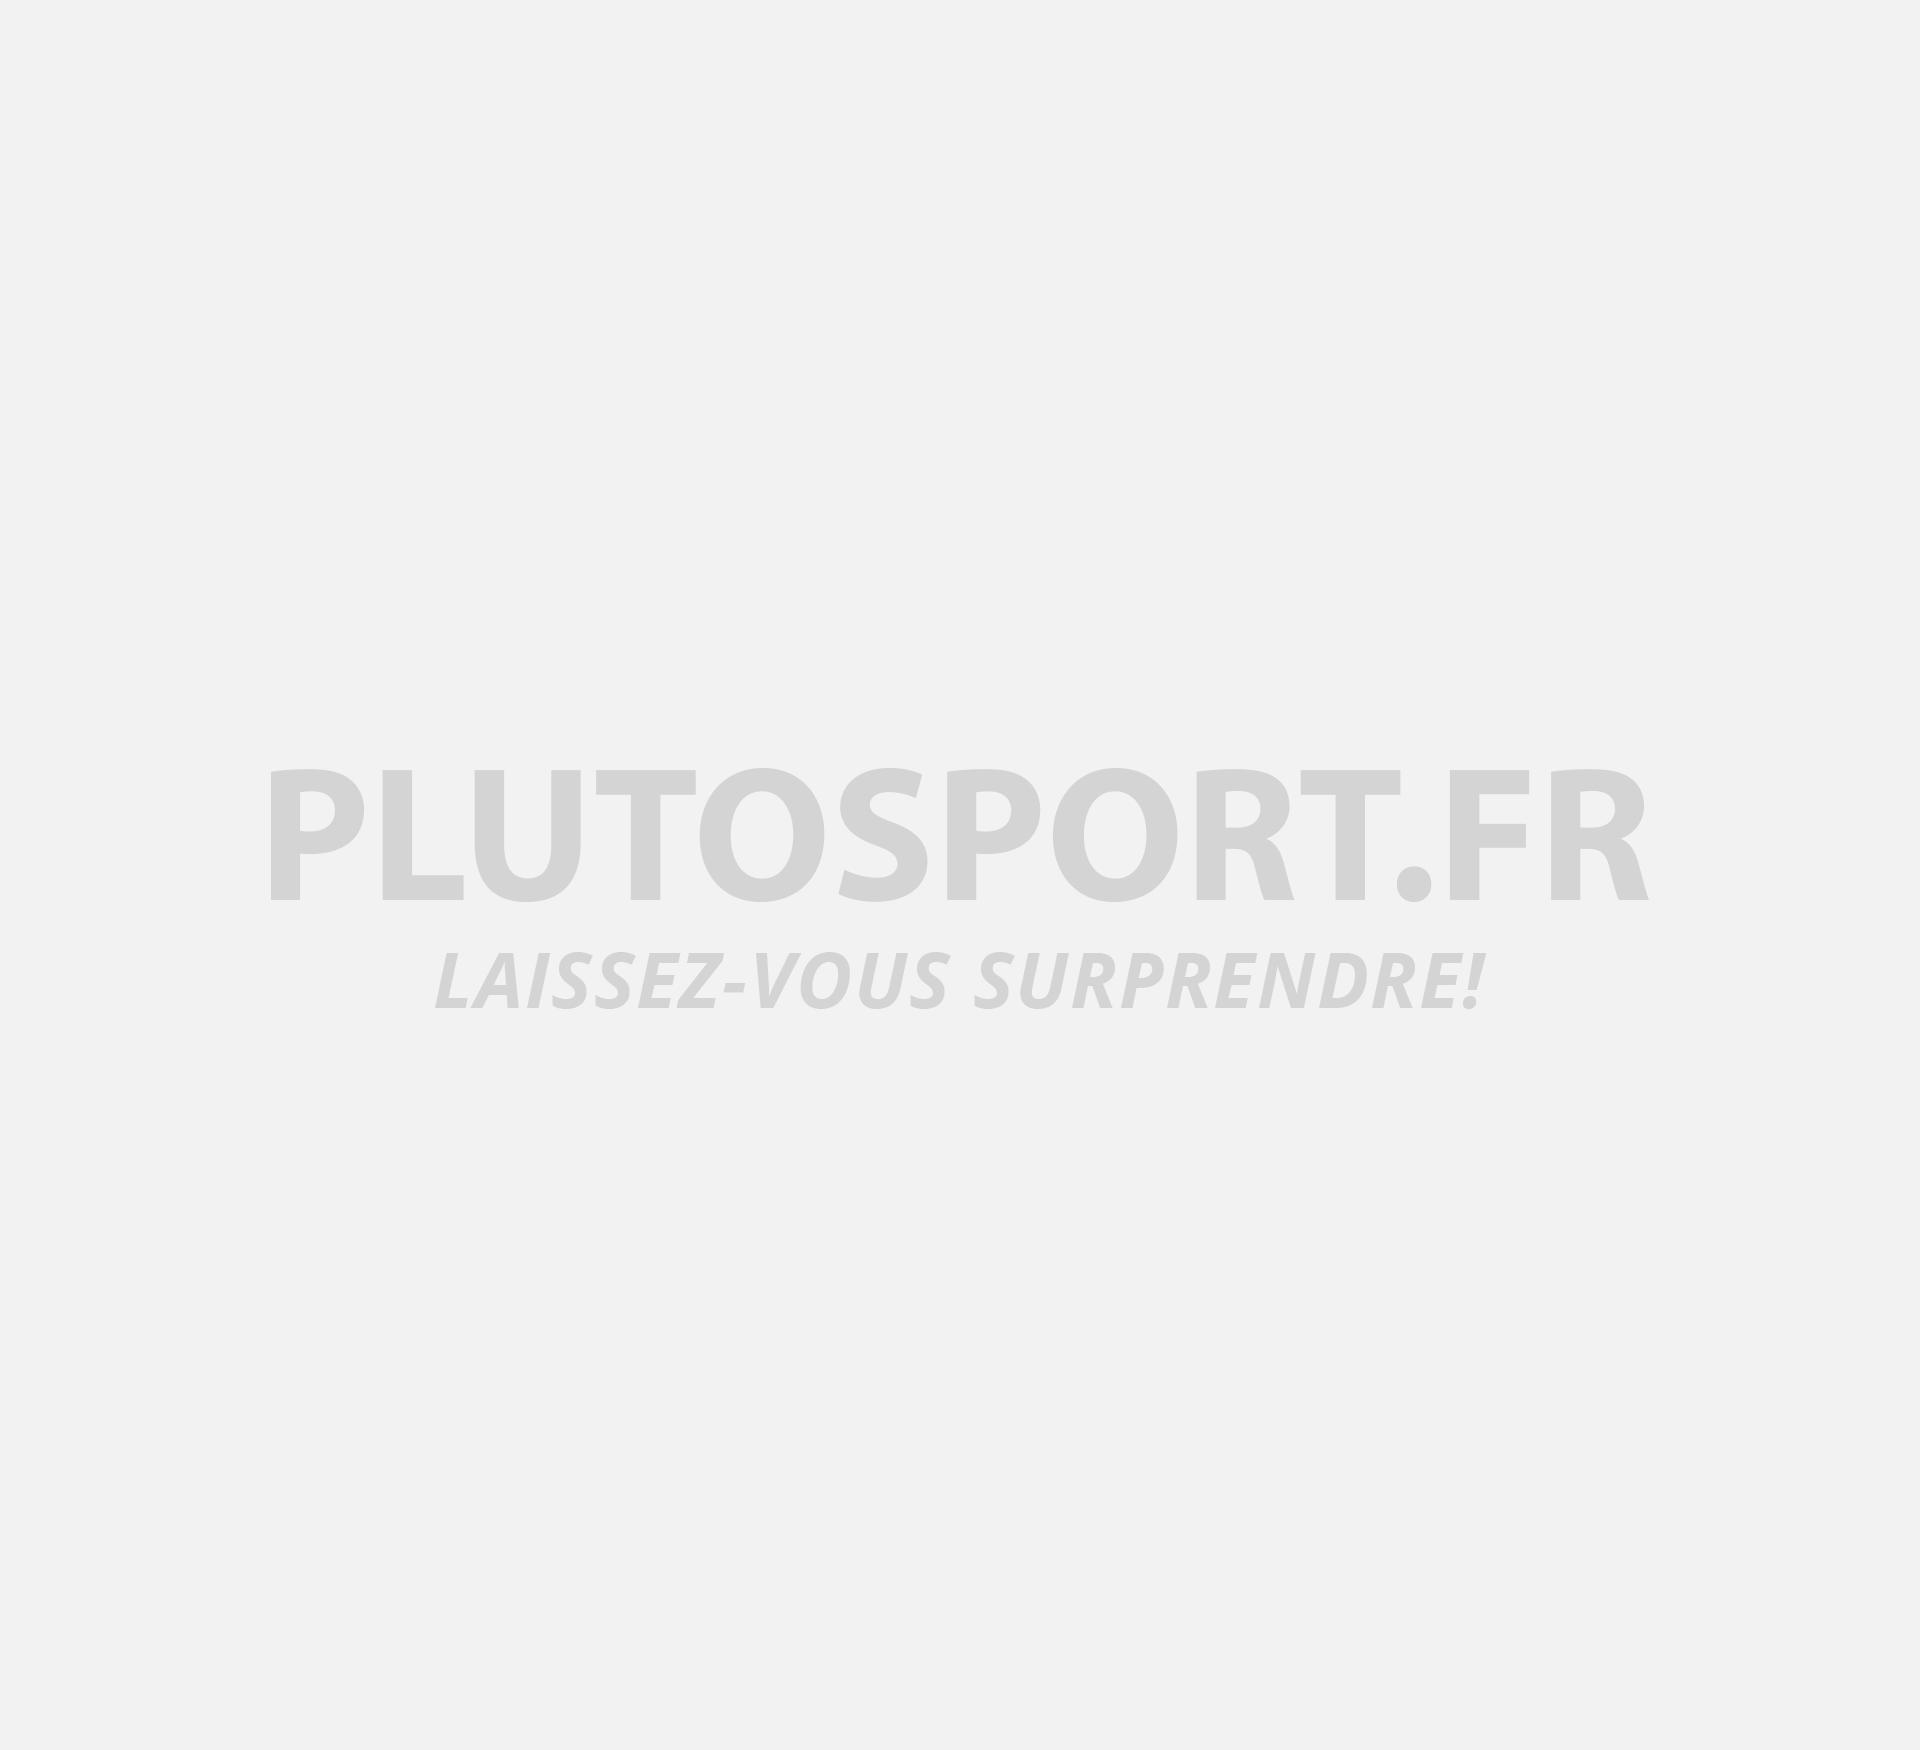 Chaussures Lifestyle Adidas Vl Baskets Court Swrqsx8 2 Jr 0 QtshrCoBdx